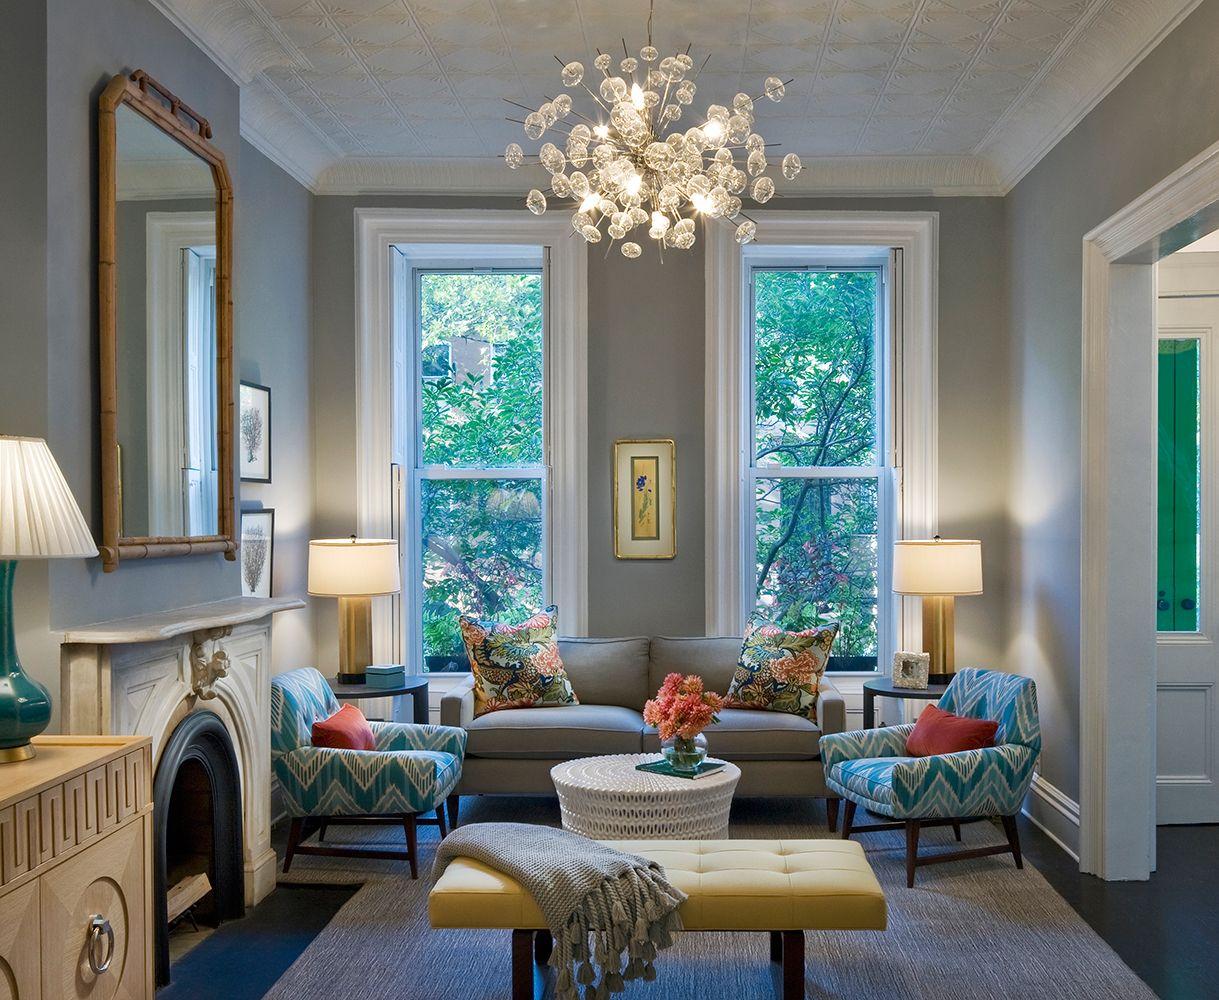 Idee Deco Salon Design quand le luminaire réveille le salon pastel | idee deco